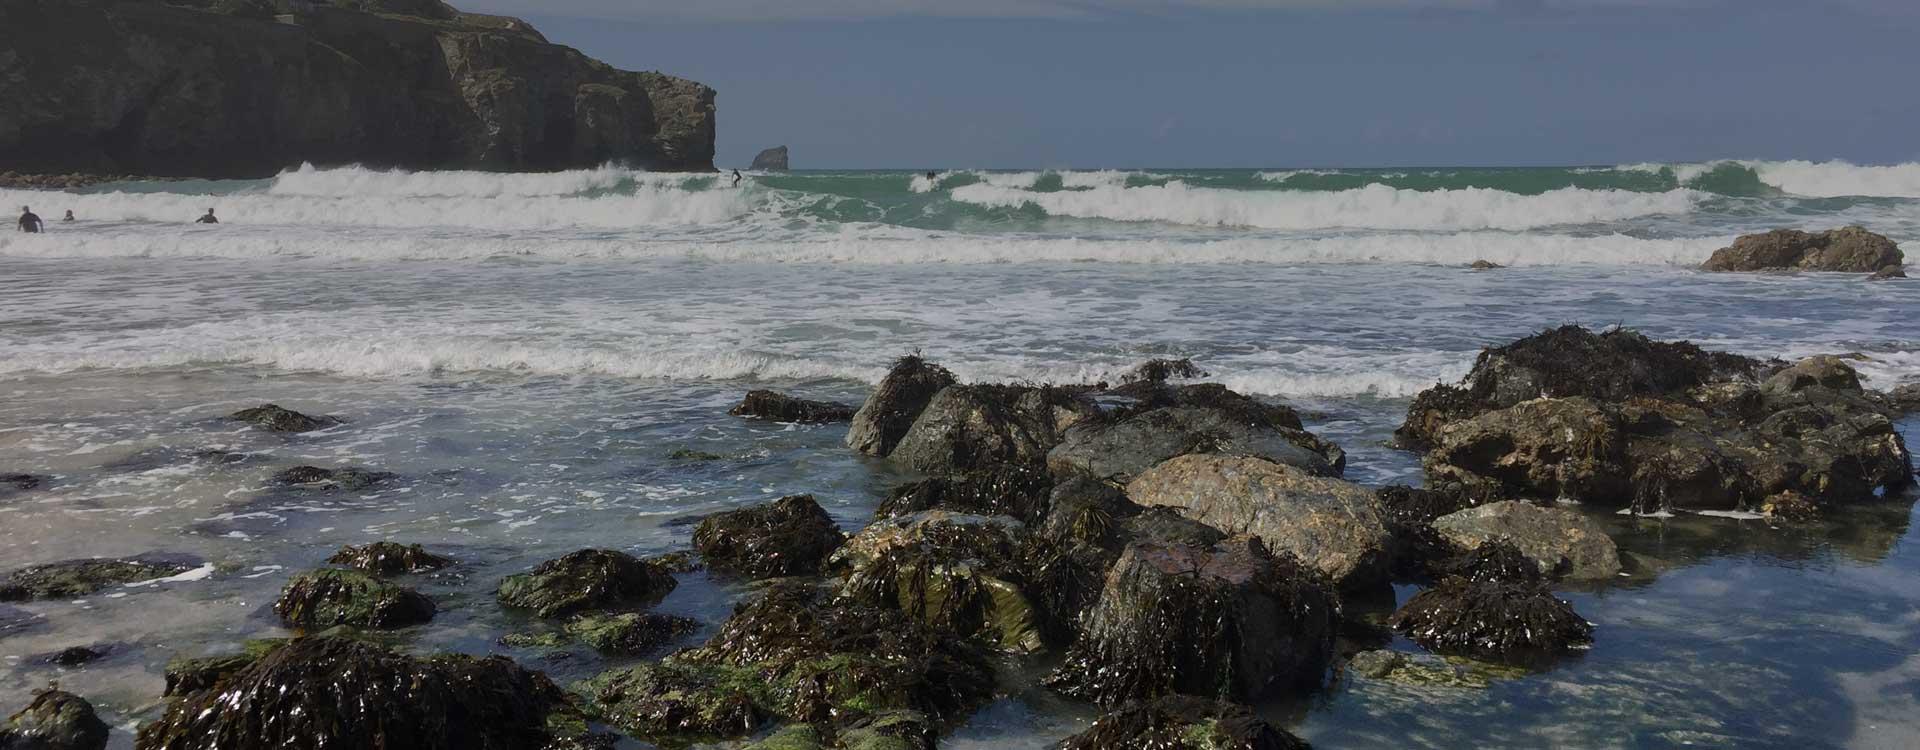 St Agnes Cornwall - local beach